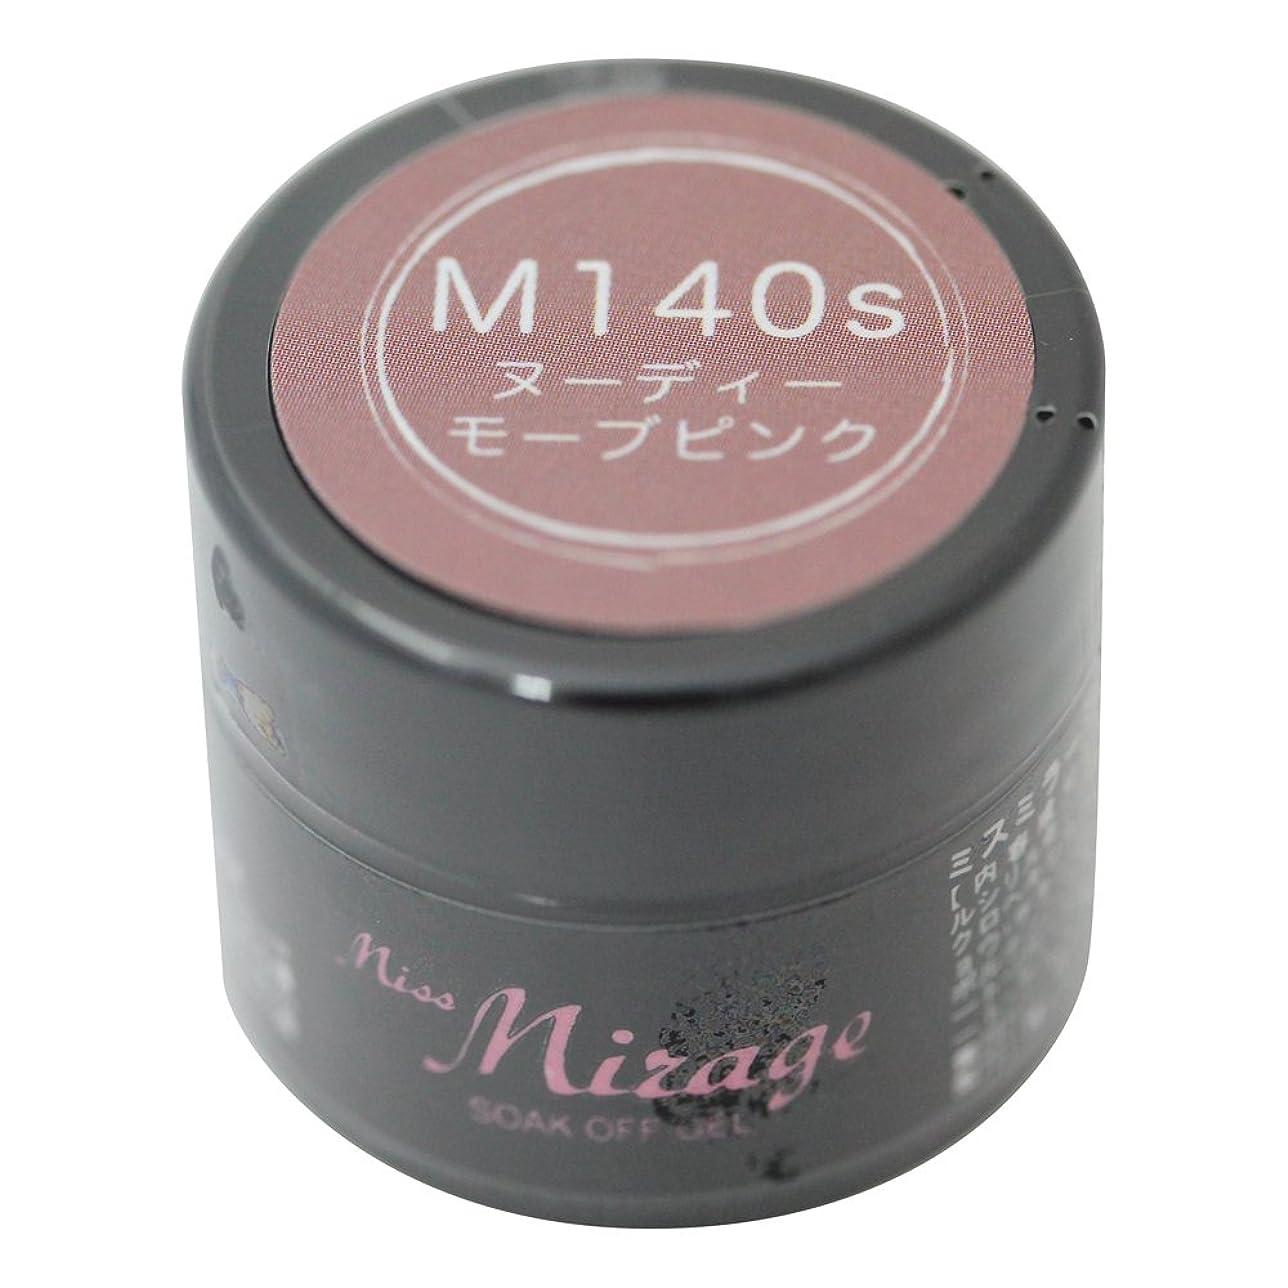 花瓶心配する悔い改めMiss Mirage M140S ヌーディーモーブピンク 2.5g UV/LED対応タイオウ